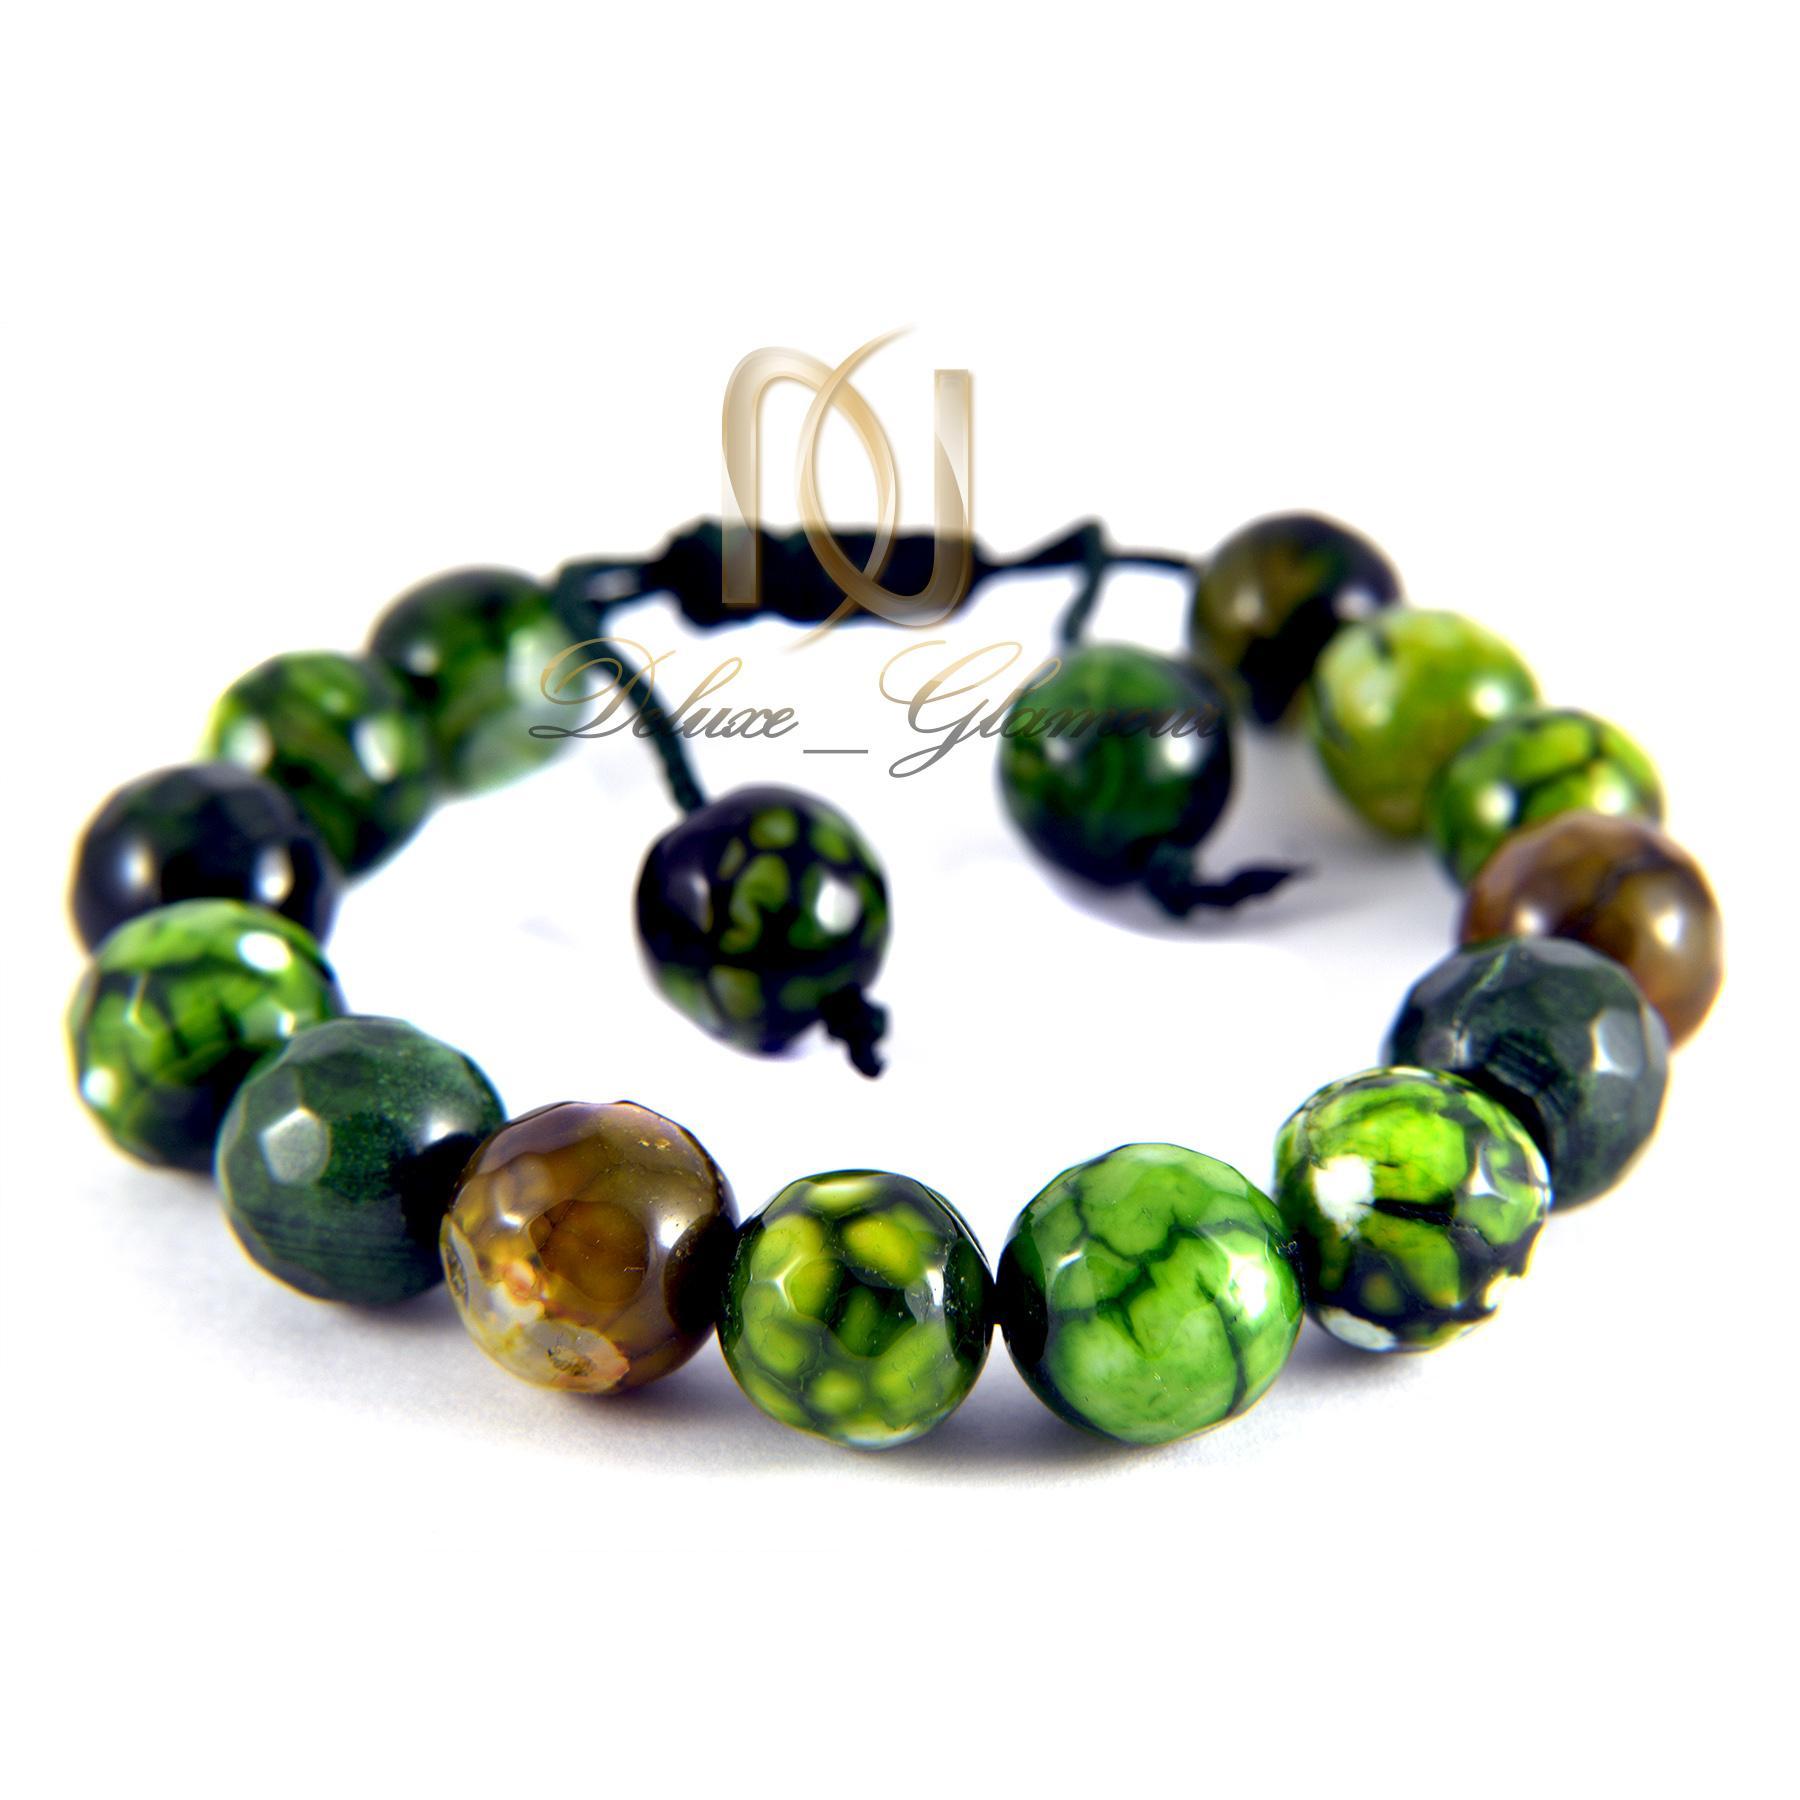 دستبند سنگی سبز عقیق دخترانه با قفل کراواتی ds-n012 - عکس اصلی